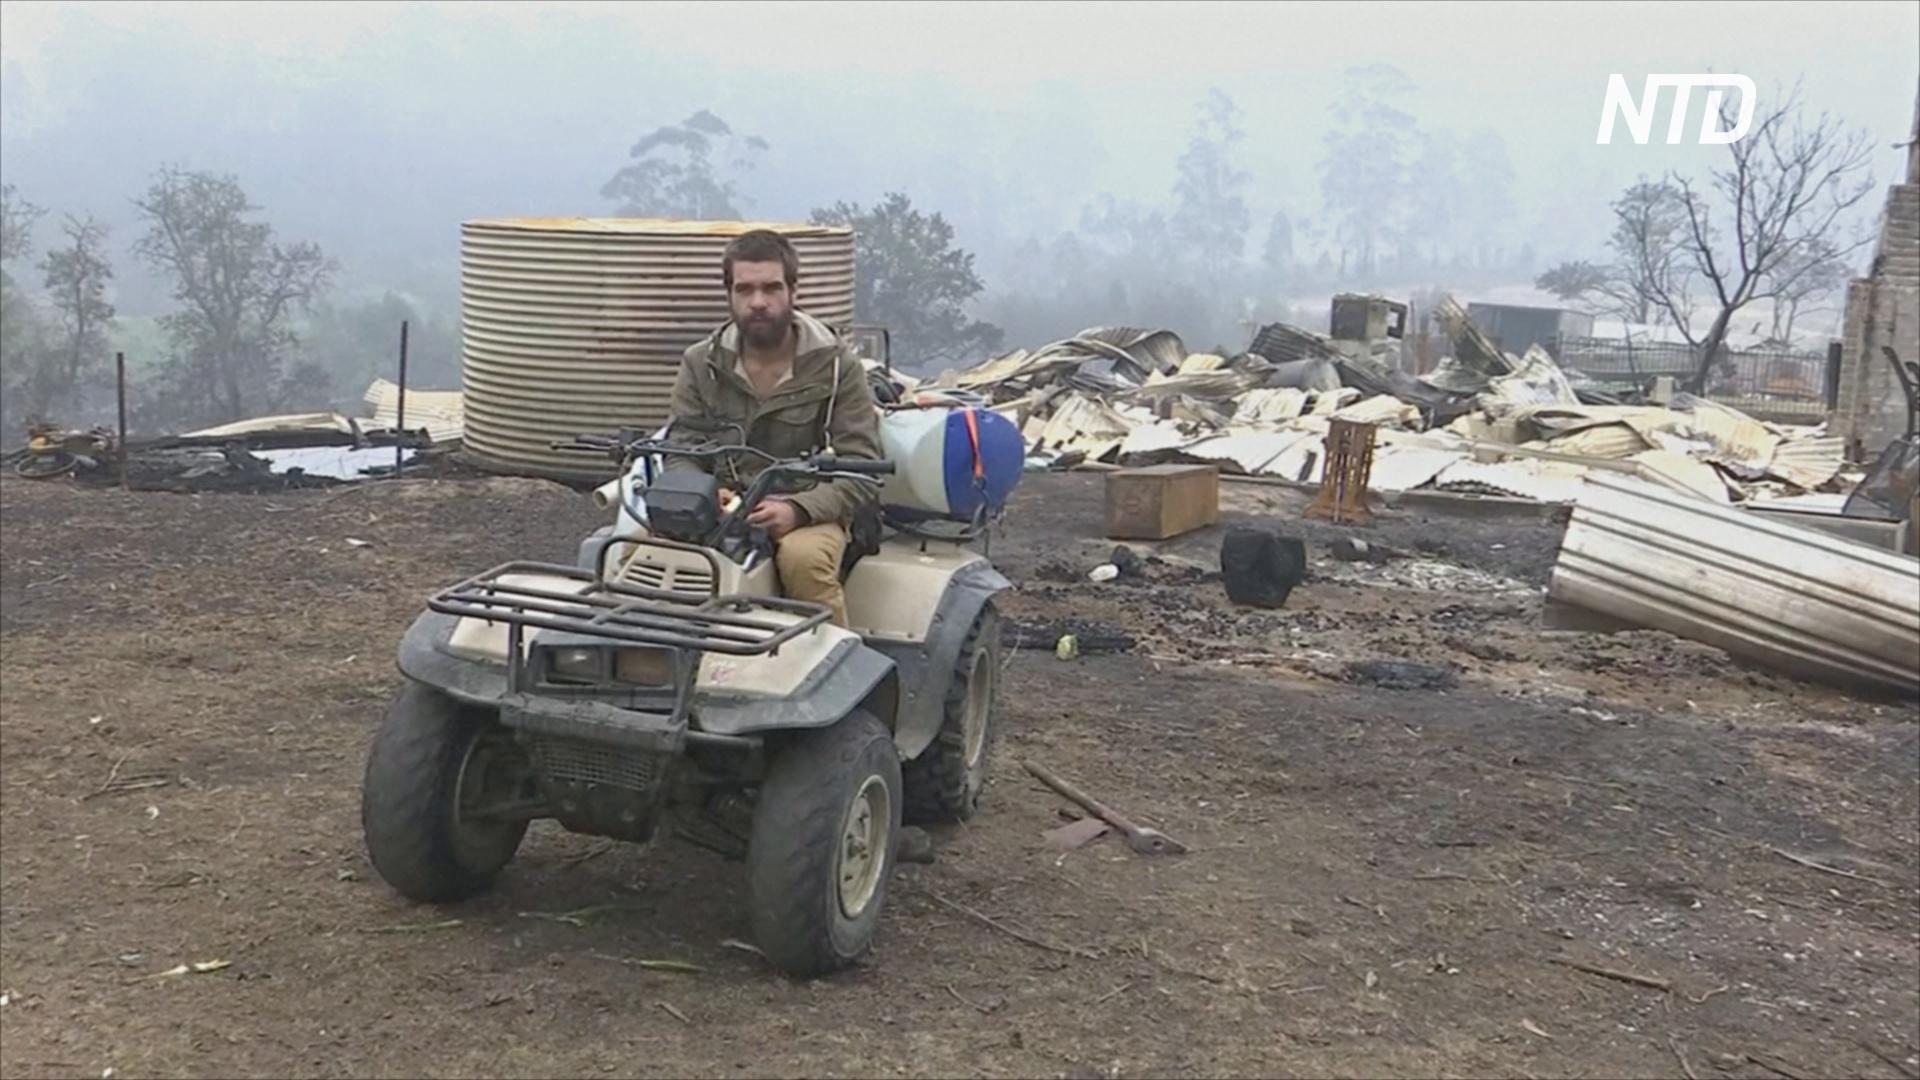 Австралиец из-за пожаров потерял ферму со стадами оленей и овец